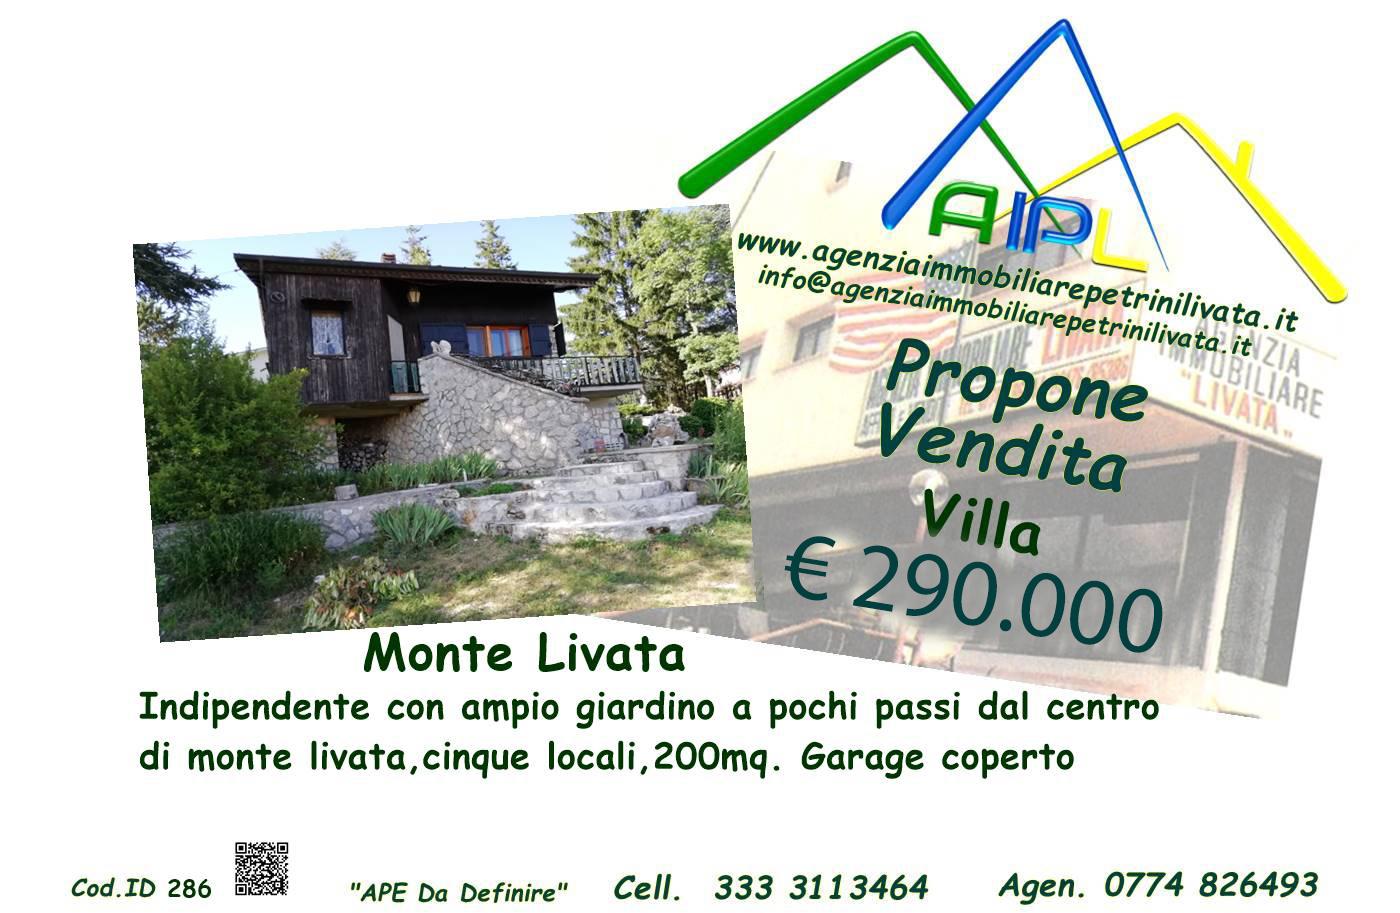 Monte Livata Villa (Cod.Id 286)